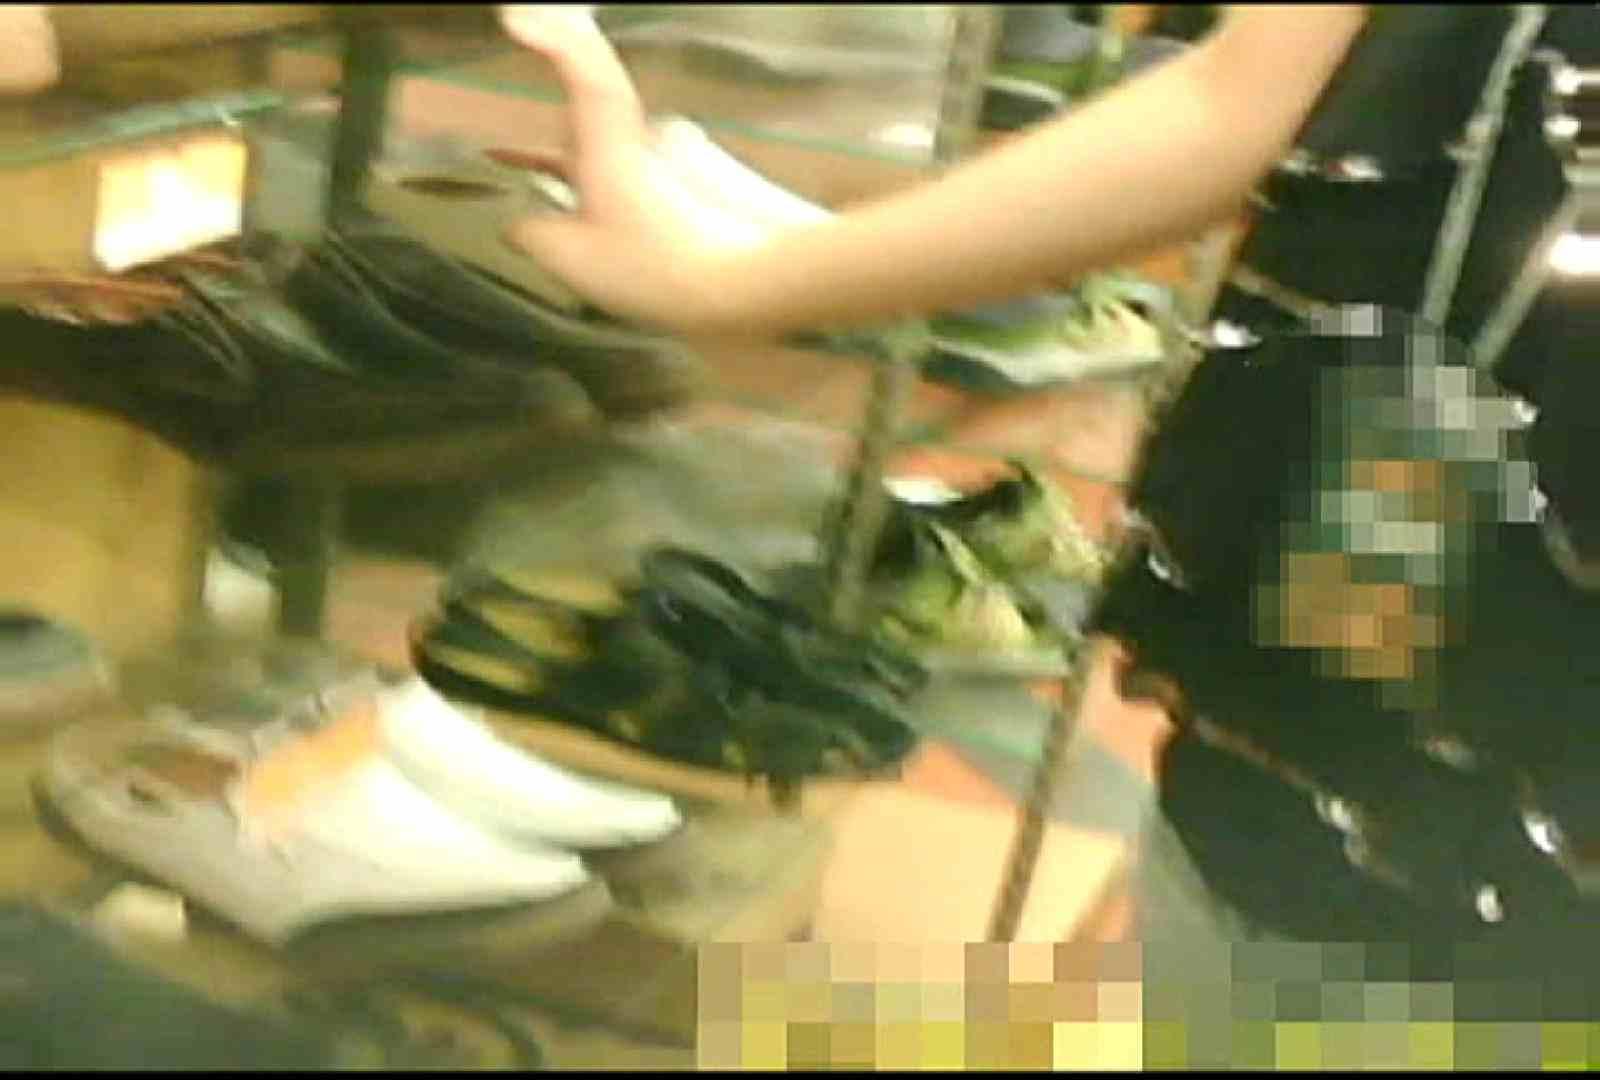 「ノゾキスト」さんの陰撮!!美女サルベージVol.1 エロティックなOL スケベ動画紹介 68画像 38